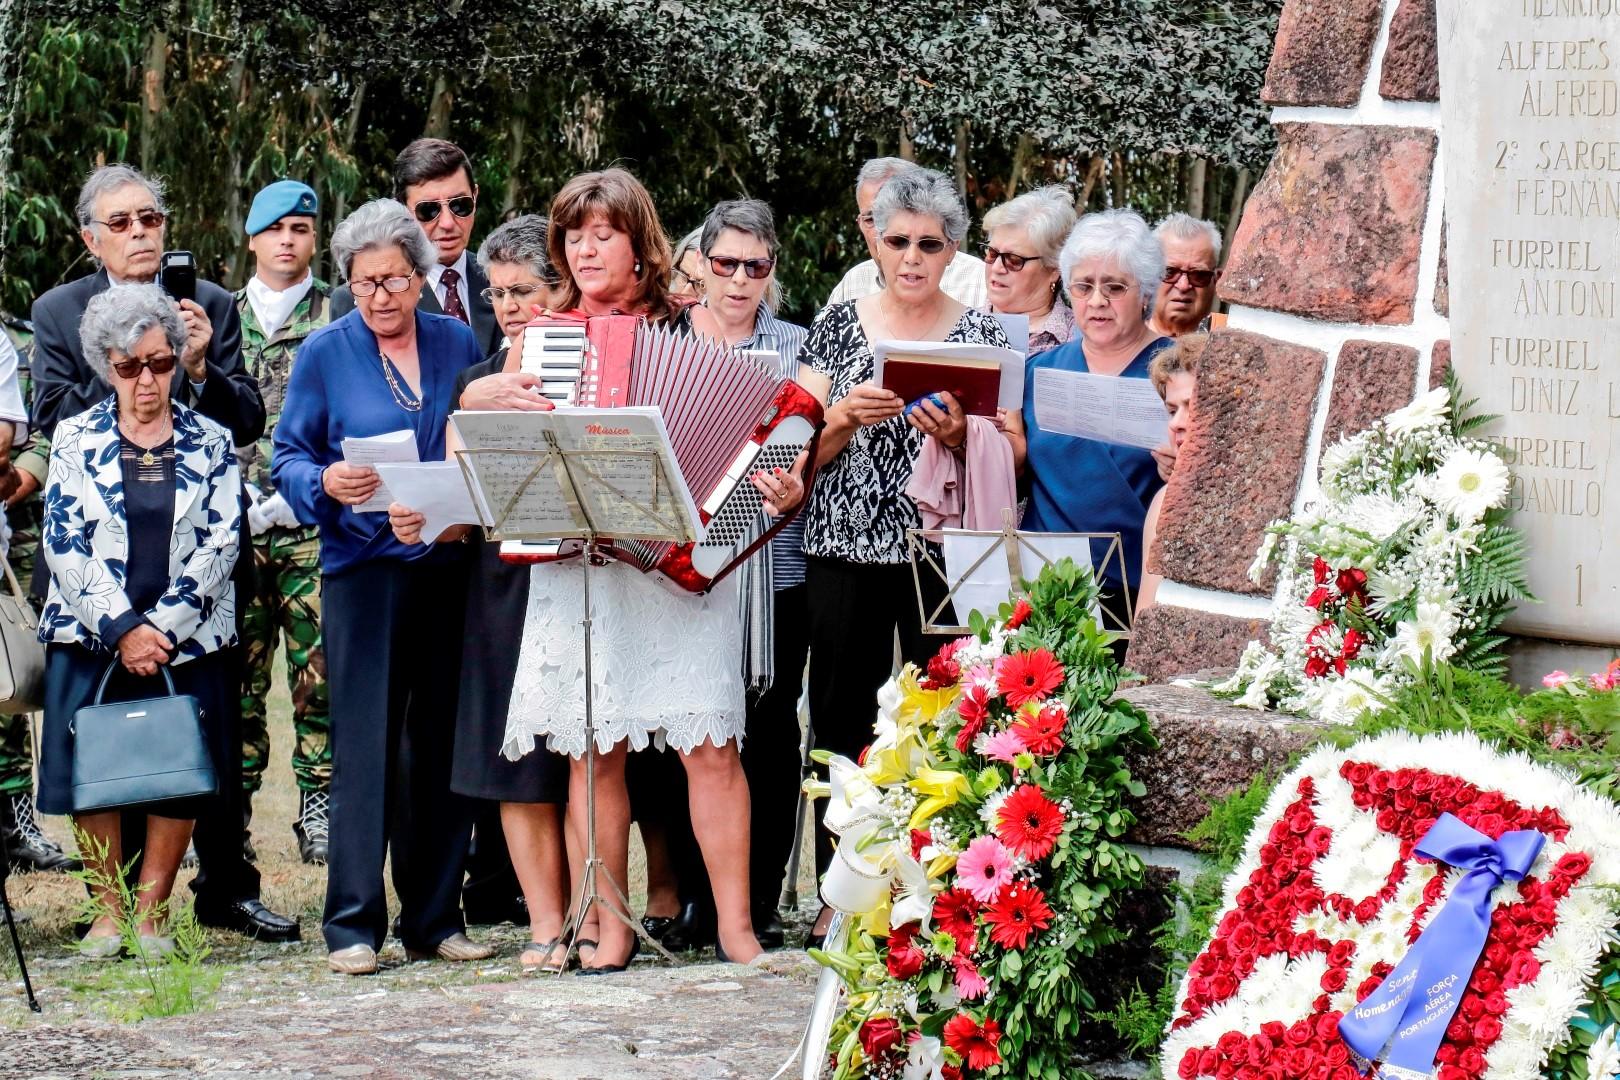 Núcleo de Coimbra da A.E.F.A. promoveu encontro na Serra do Carvalho